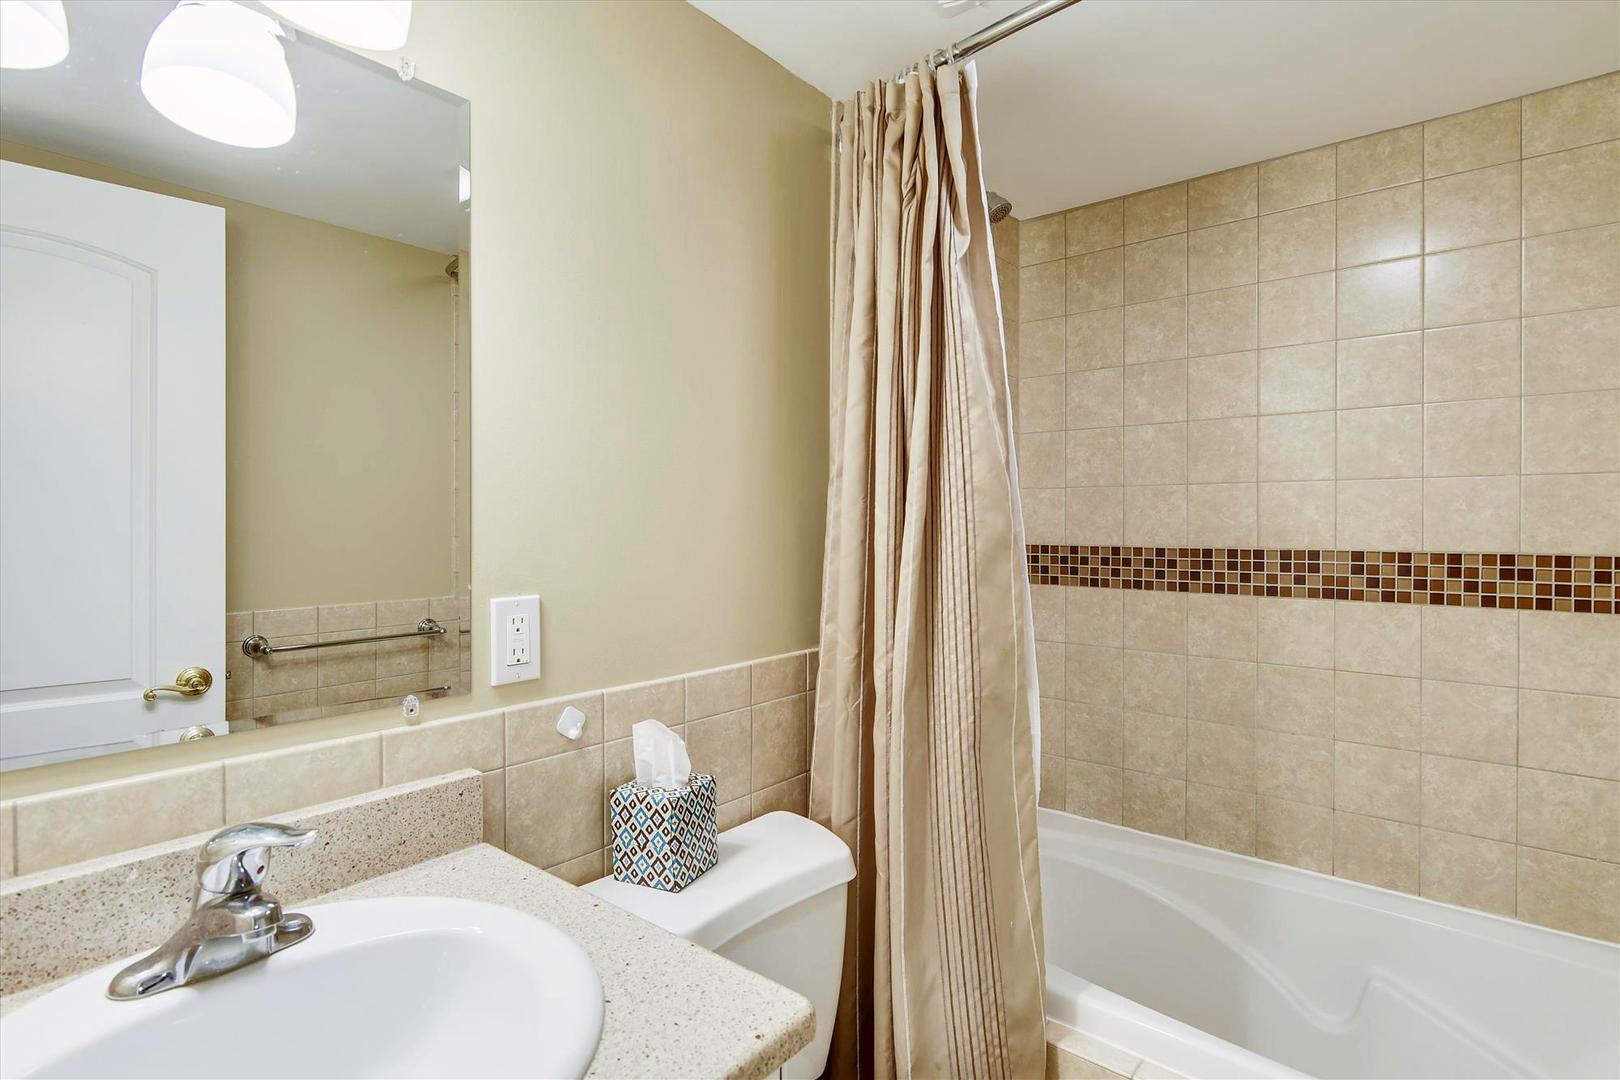 Ocean City Boardwalk Suites N2 - Bathroom 1